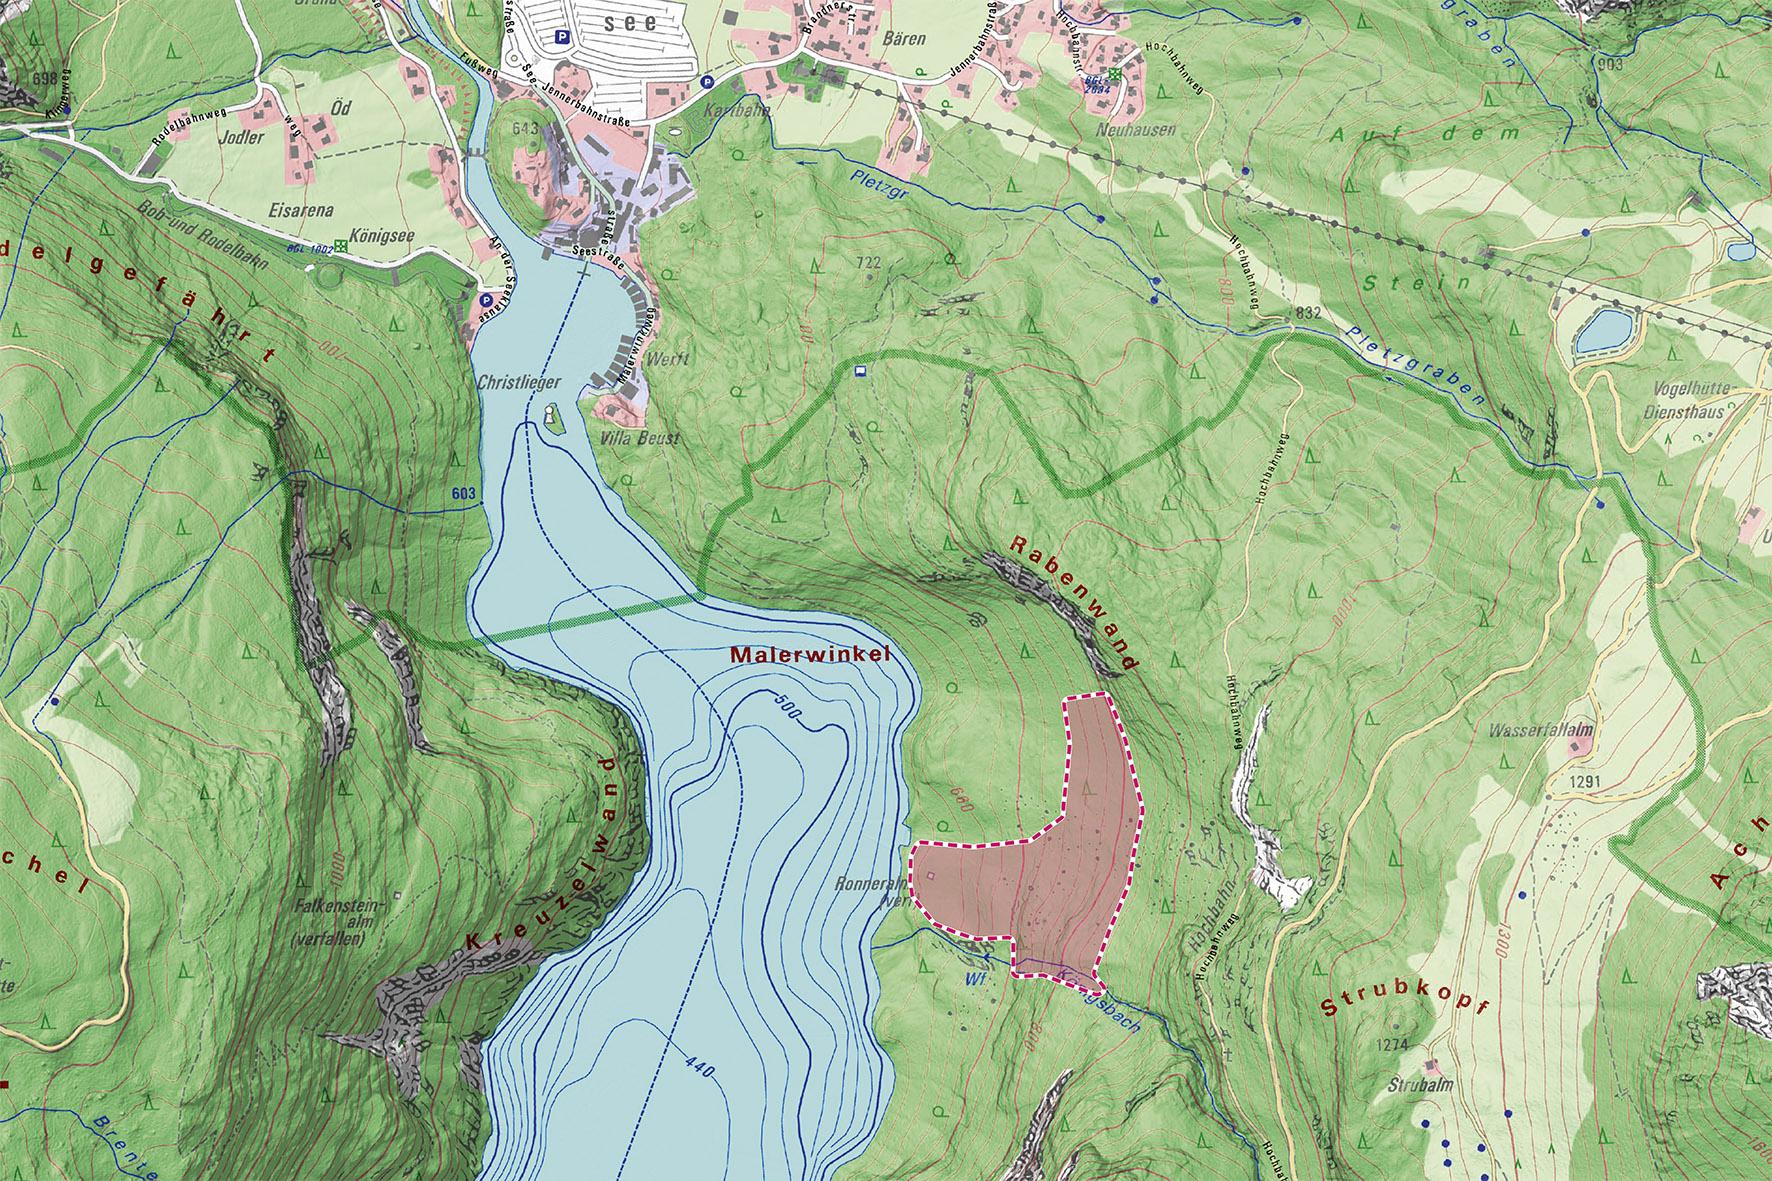 Pressebild: (c) Geobasisdaten: Bayerische Vermessungsverwaltung